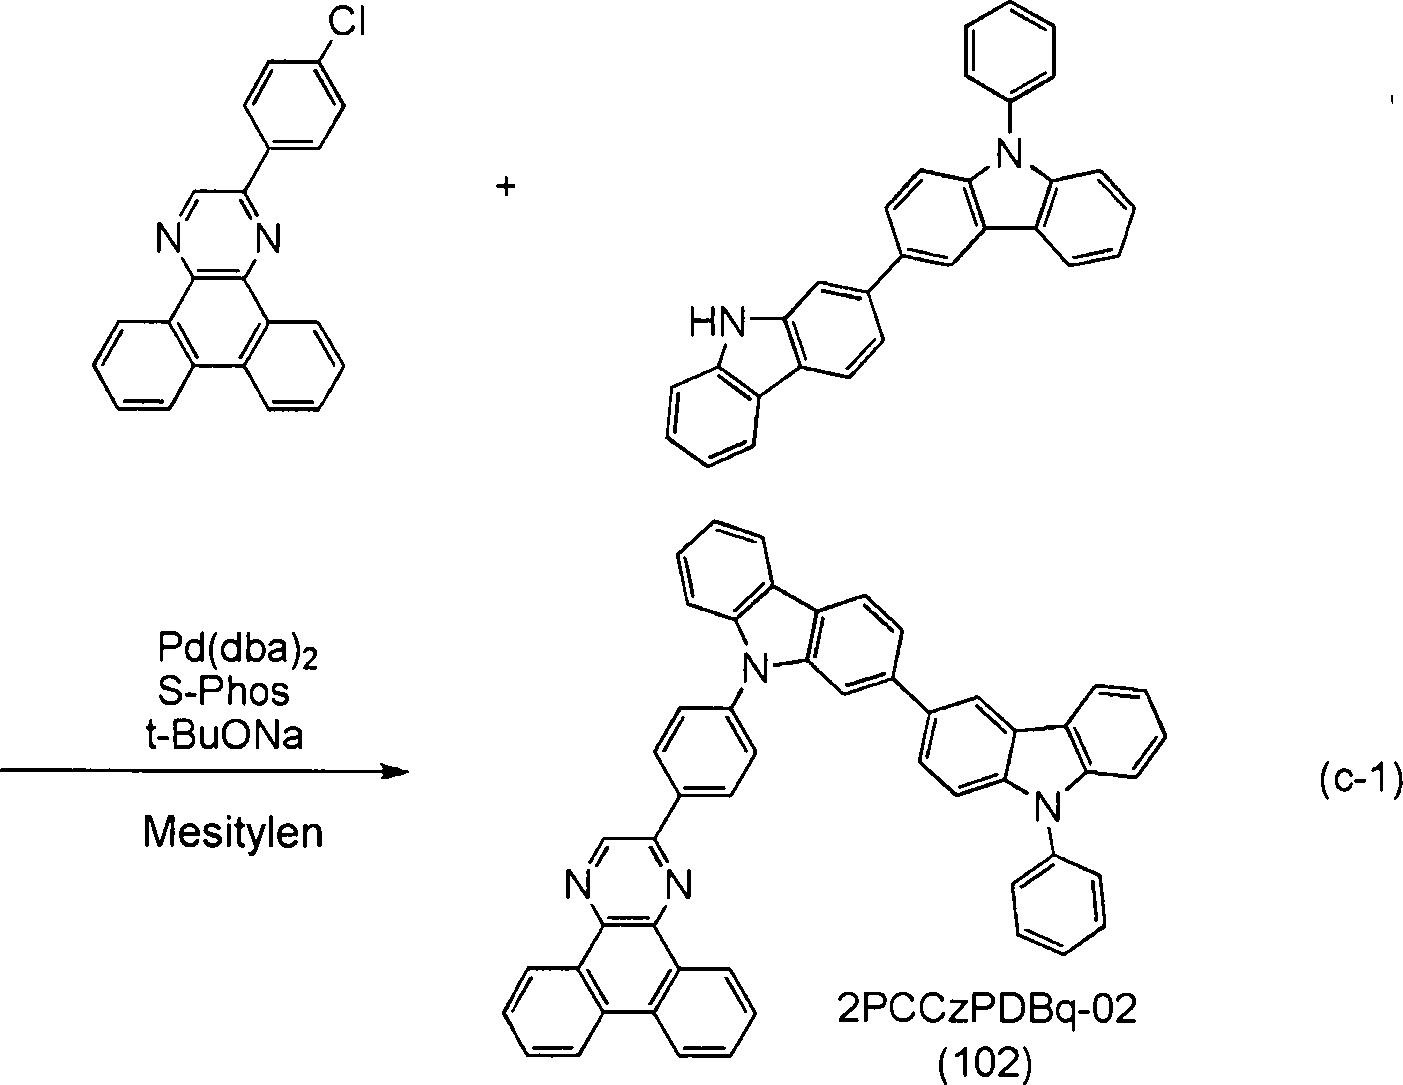 Figure DE102015213426A1_0021